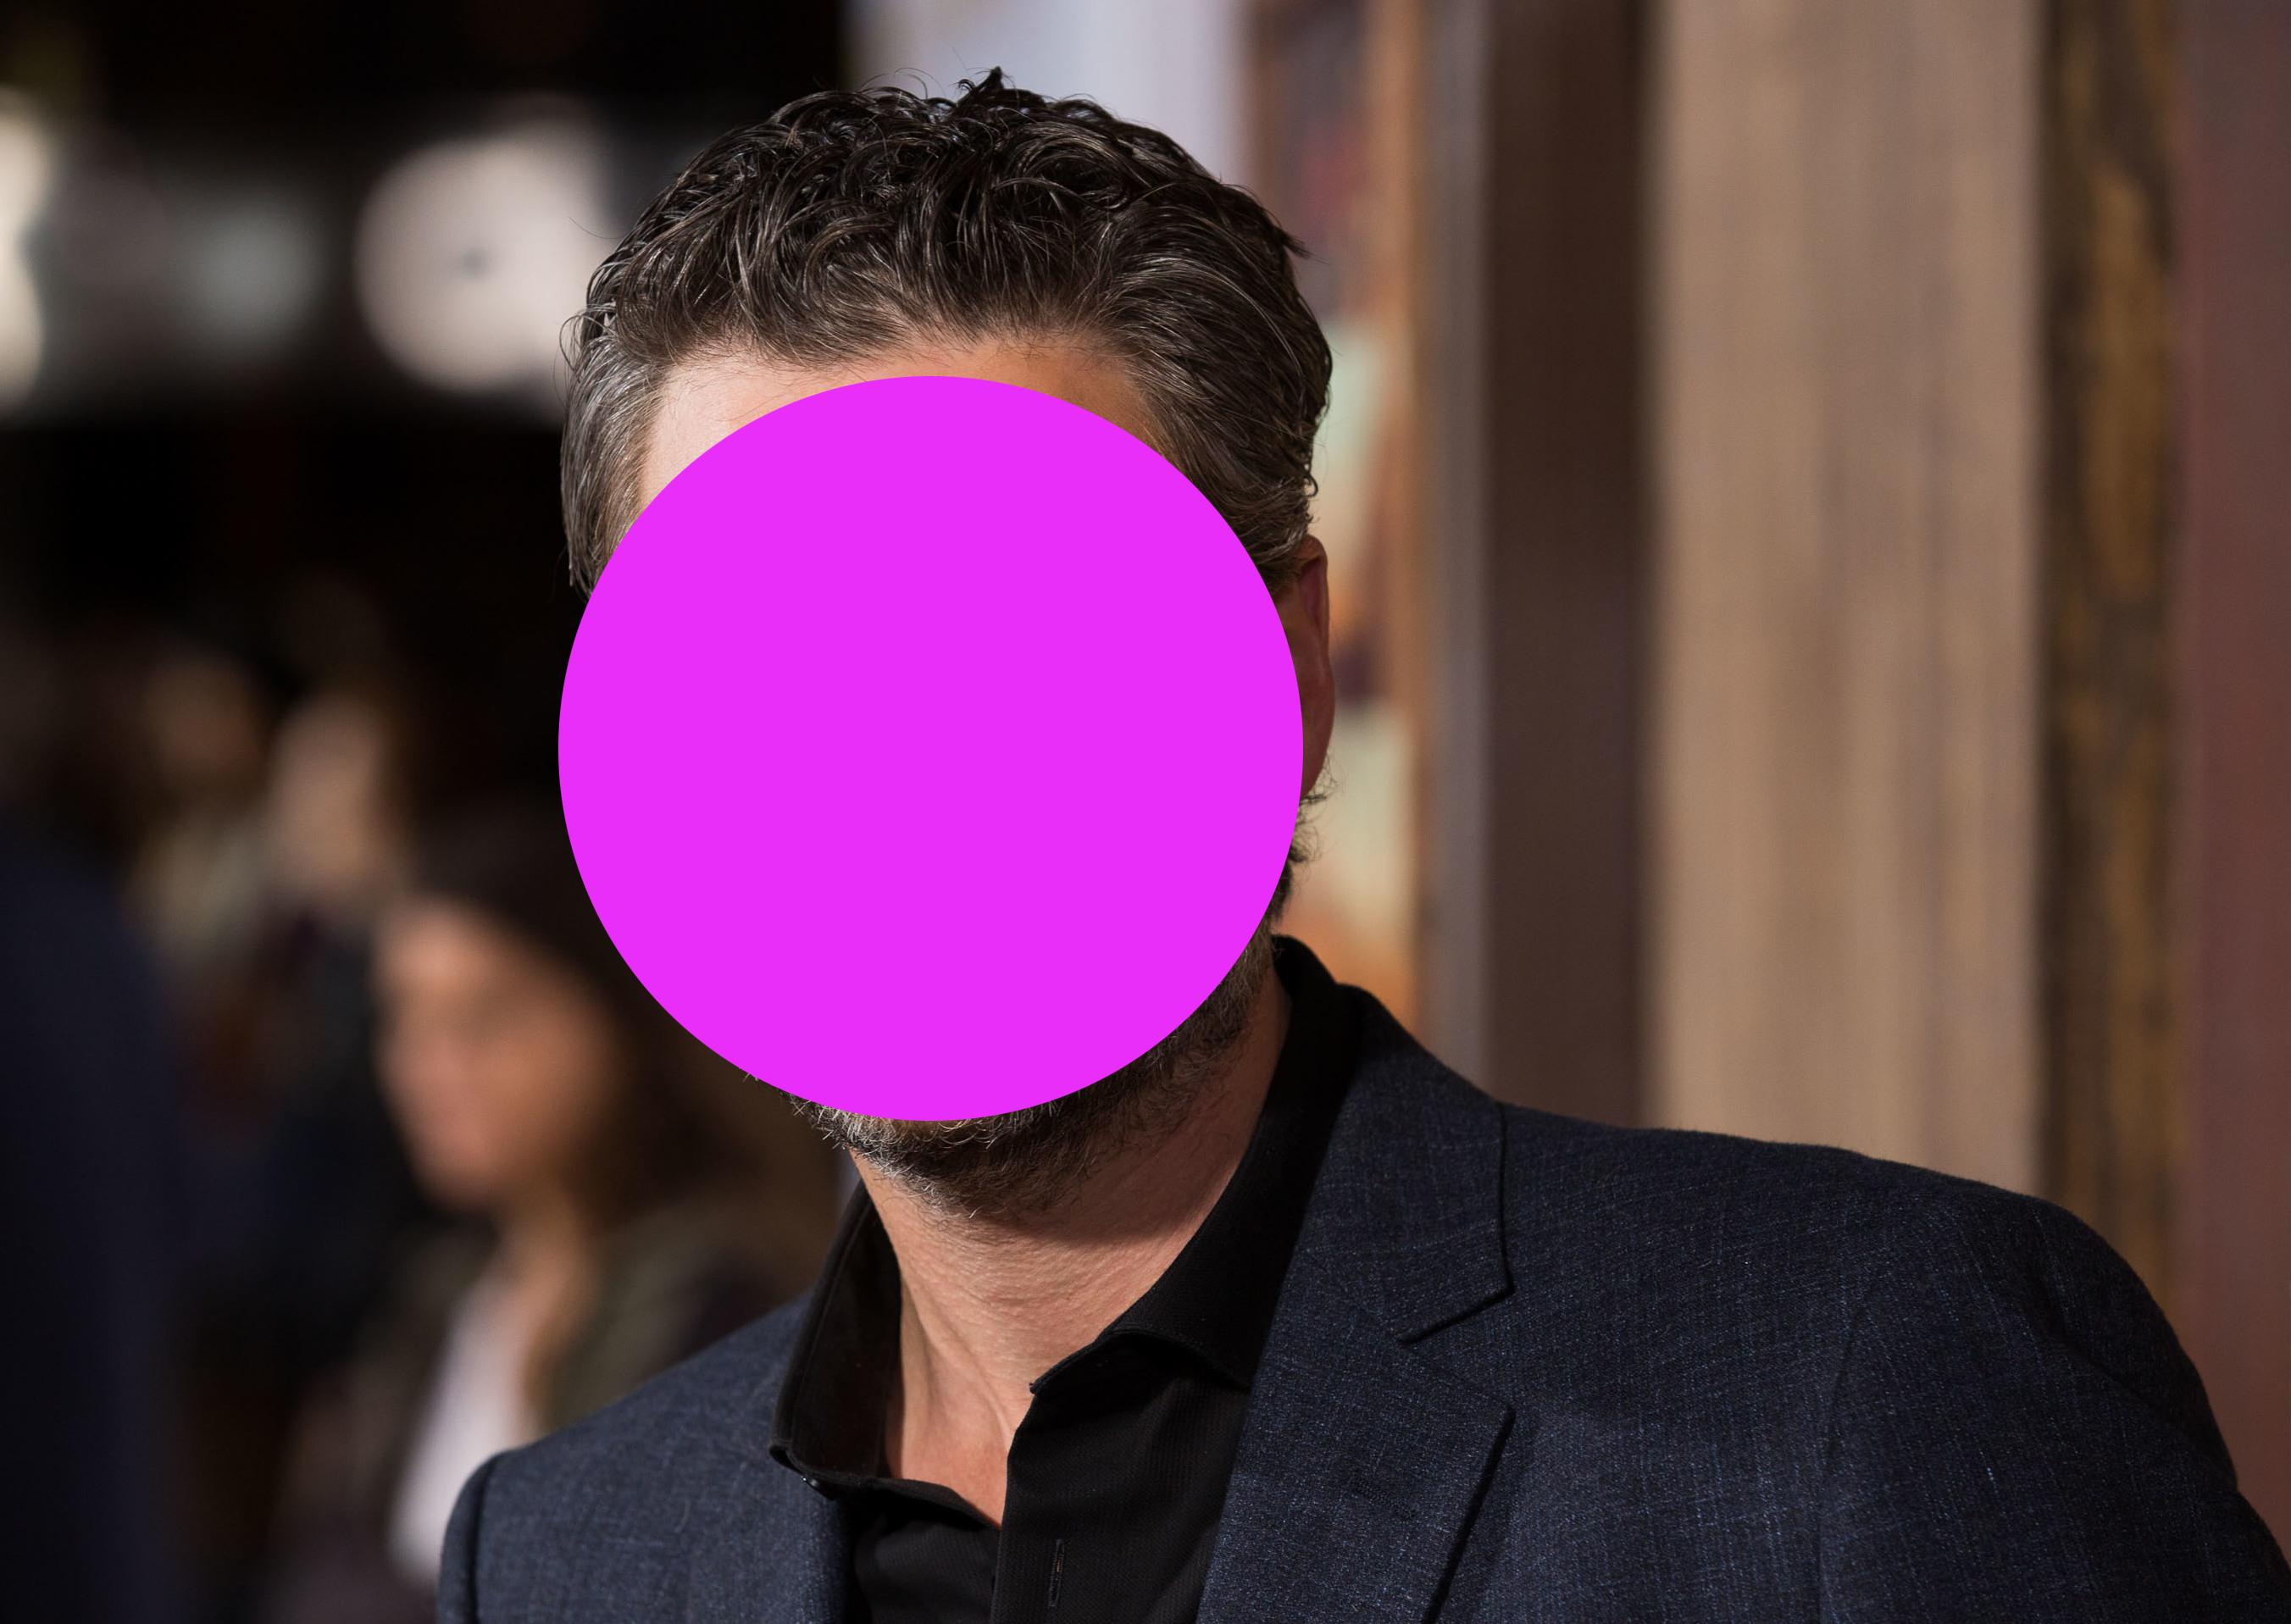 Este es el hombre más sexy del año según la revista People